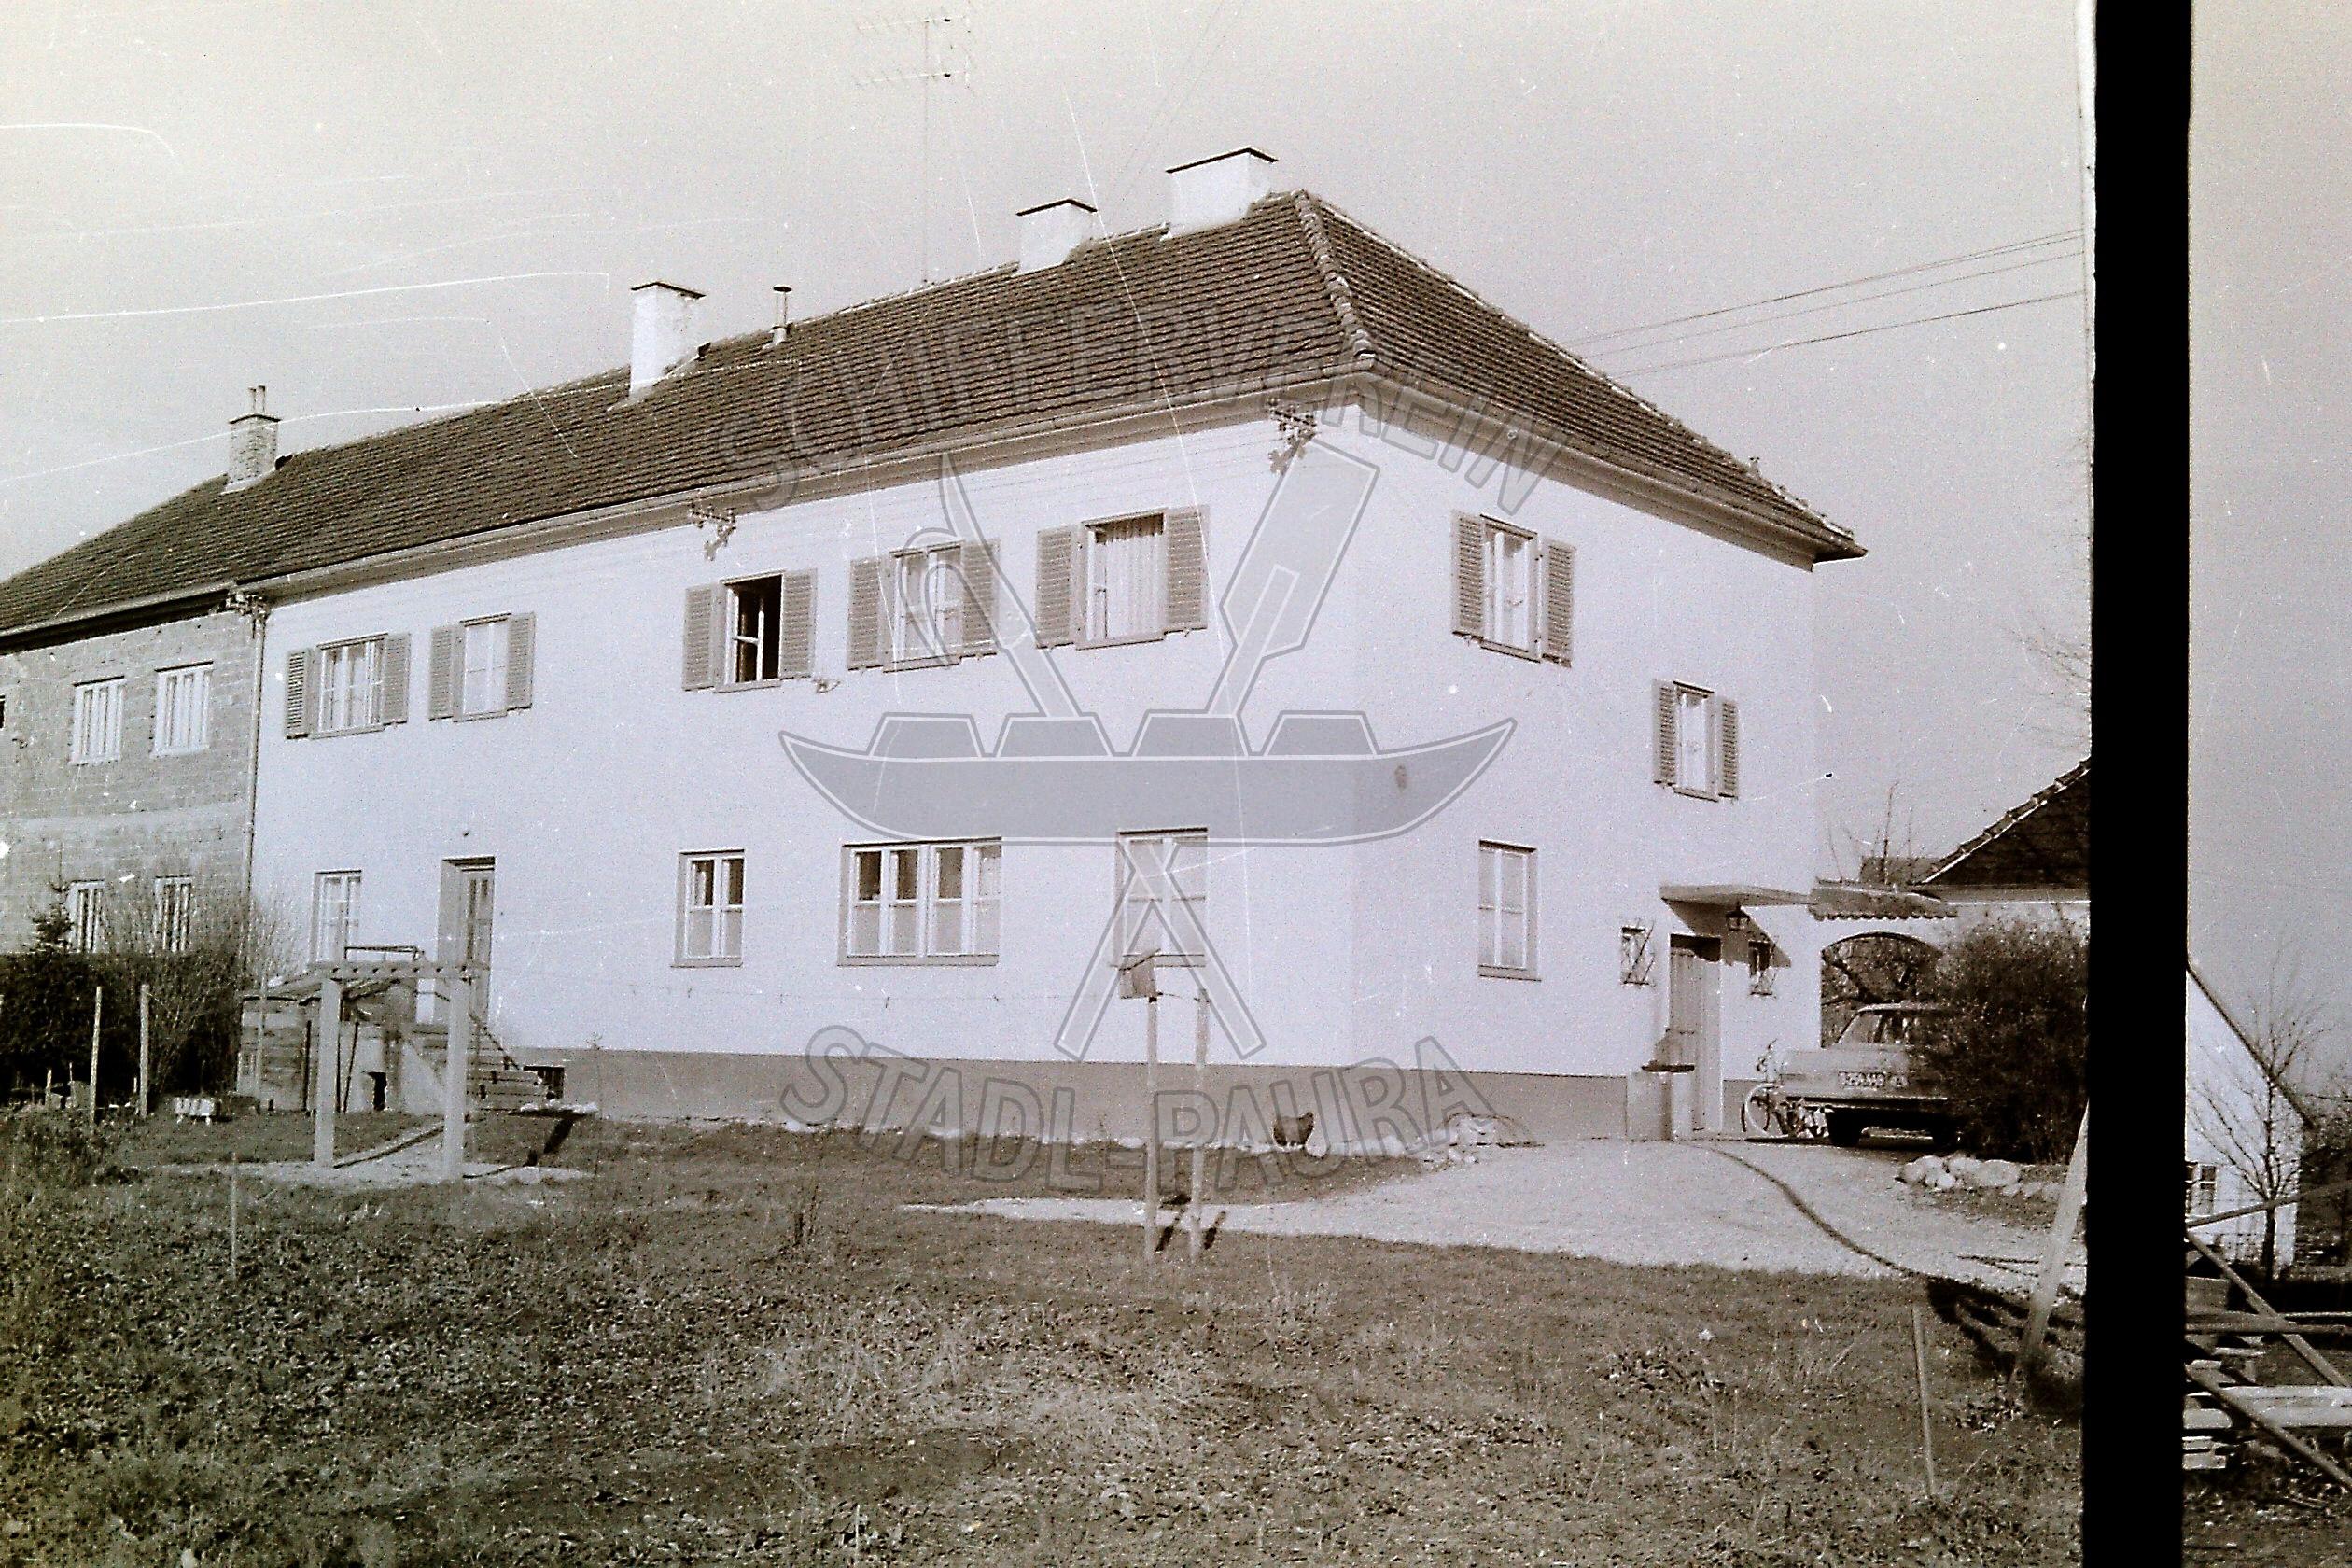 112.26  Vorderansicht vom ehemaligen Fotogeschäft Matauschek, heute verläuft hier die Max.Paglstrwz.